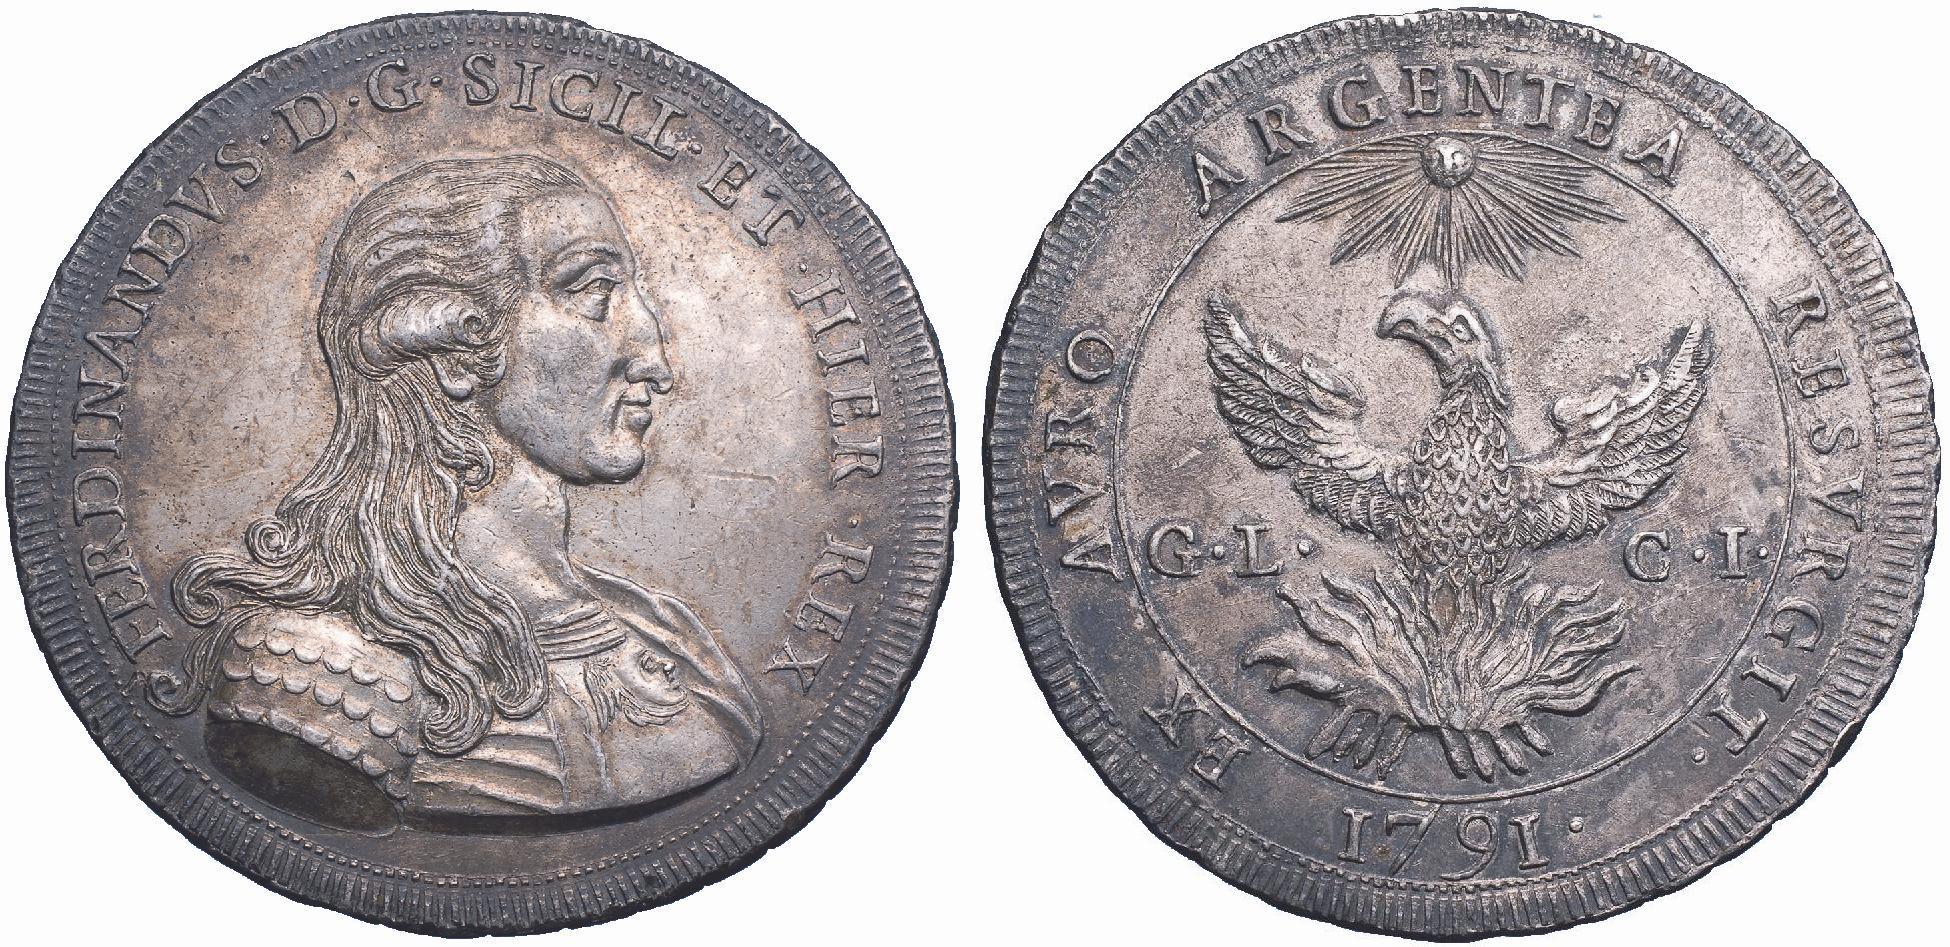 """I 30 tarì """"alla fenice"""" nella versione coniata nel 1791: il busto corazzato del re è ancora """"addolcito"""" nei tratti dalla bravura dell'incisione, come la fisionomia del mitologico e immortale volatile"""